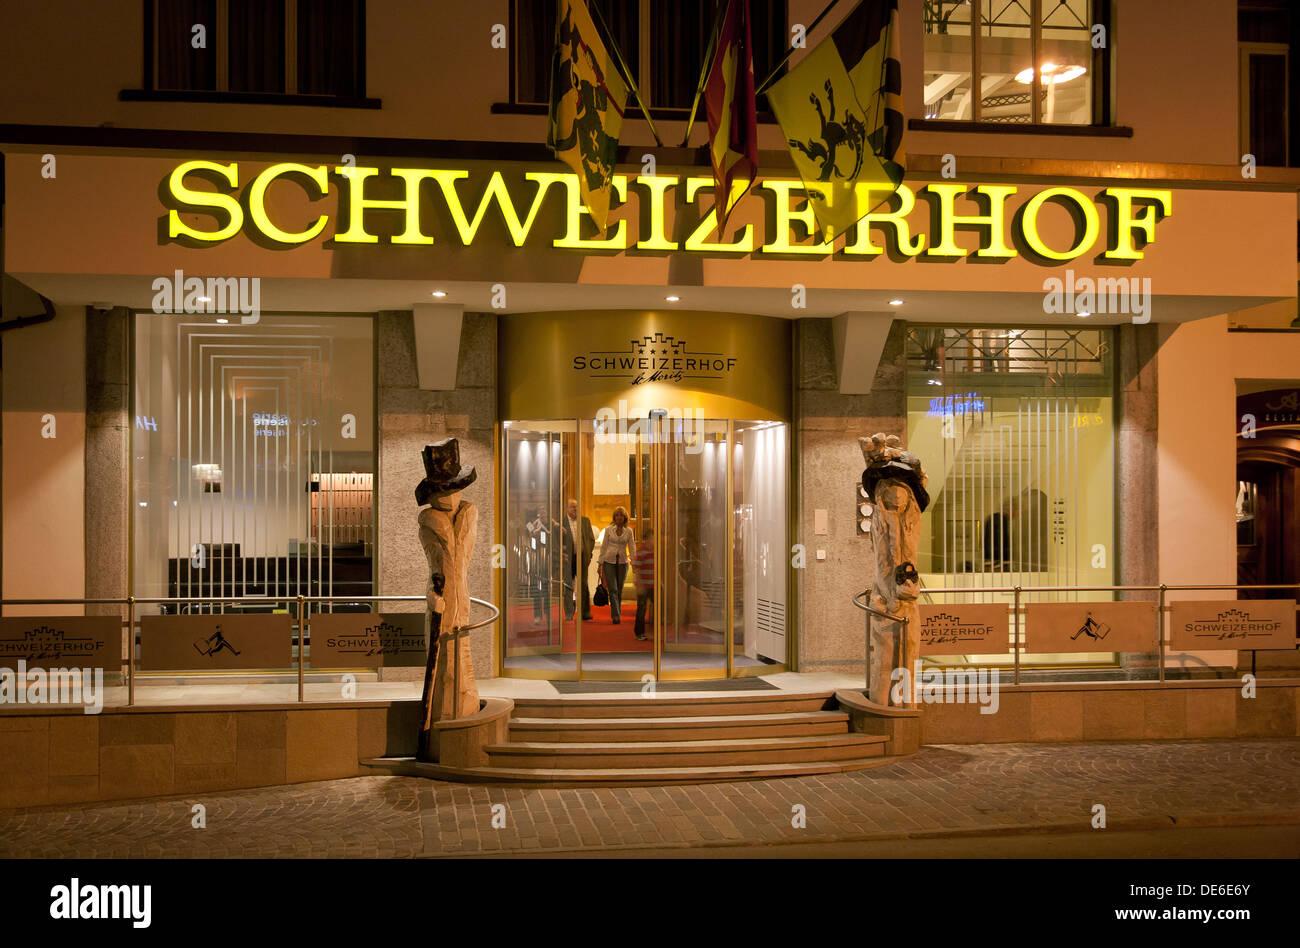 St. Moritz, Switzerland, the Hotel Schweizerhof Plazza da la Posta Veglia - Stock Image